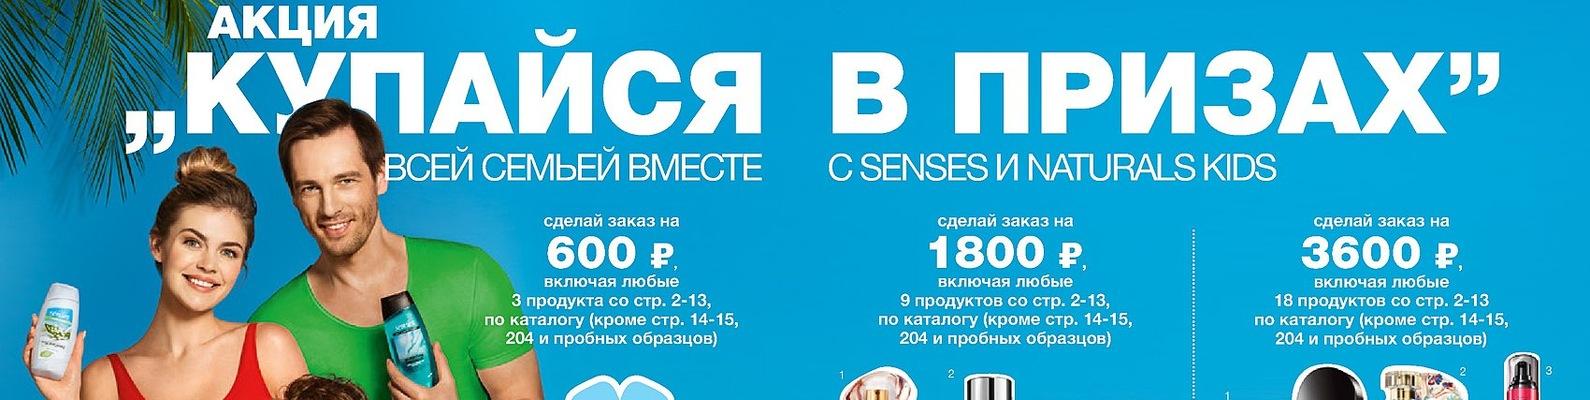 Avon красноярск адреса купить косметику в тамбове оптом